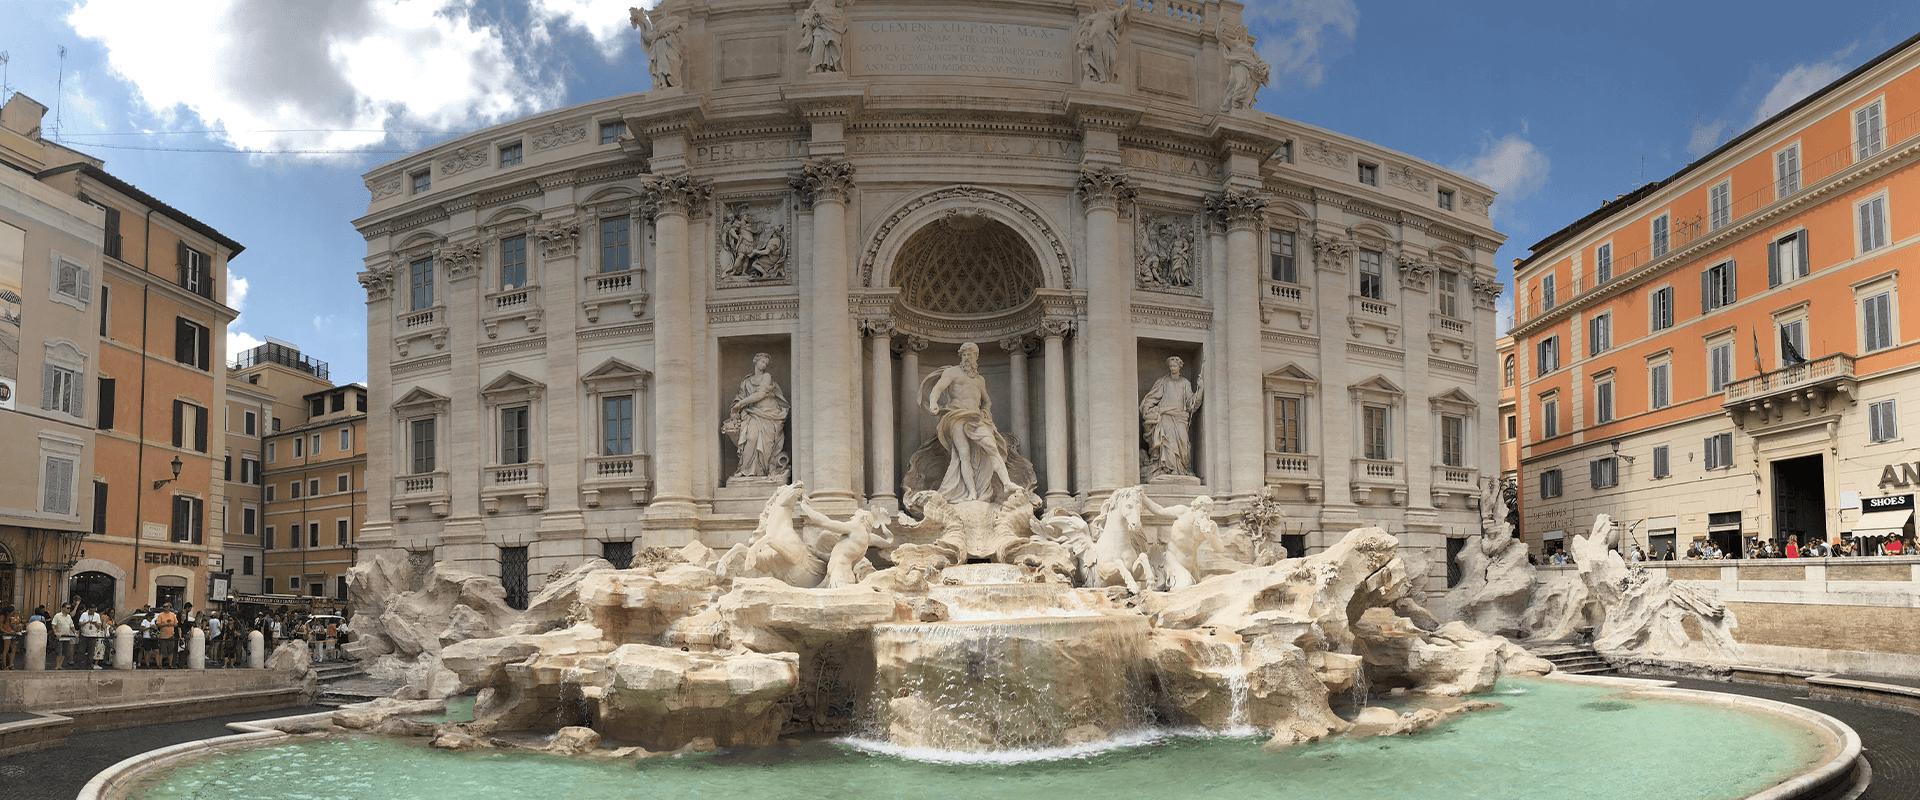 Descubriendo Roma y la gastronomía italiana